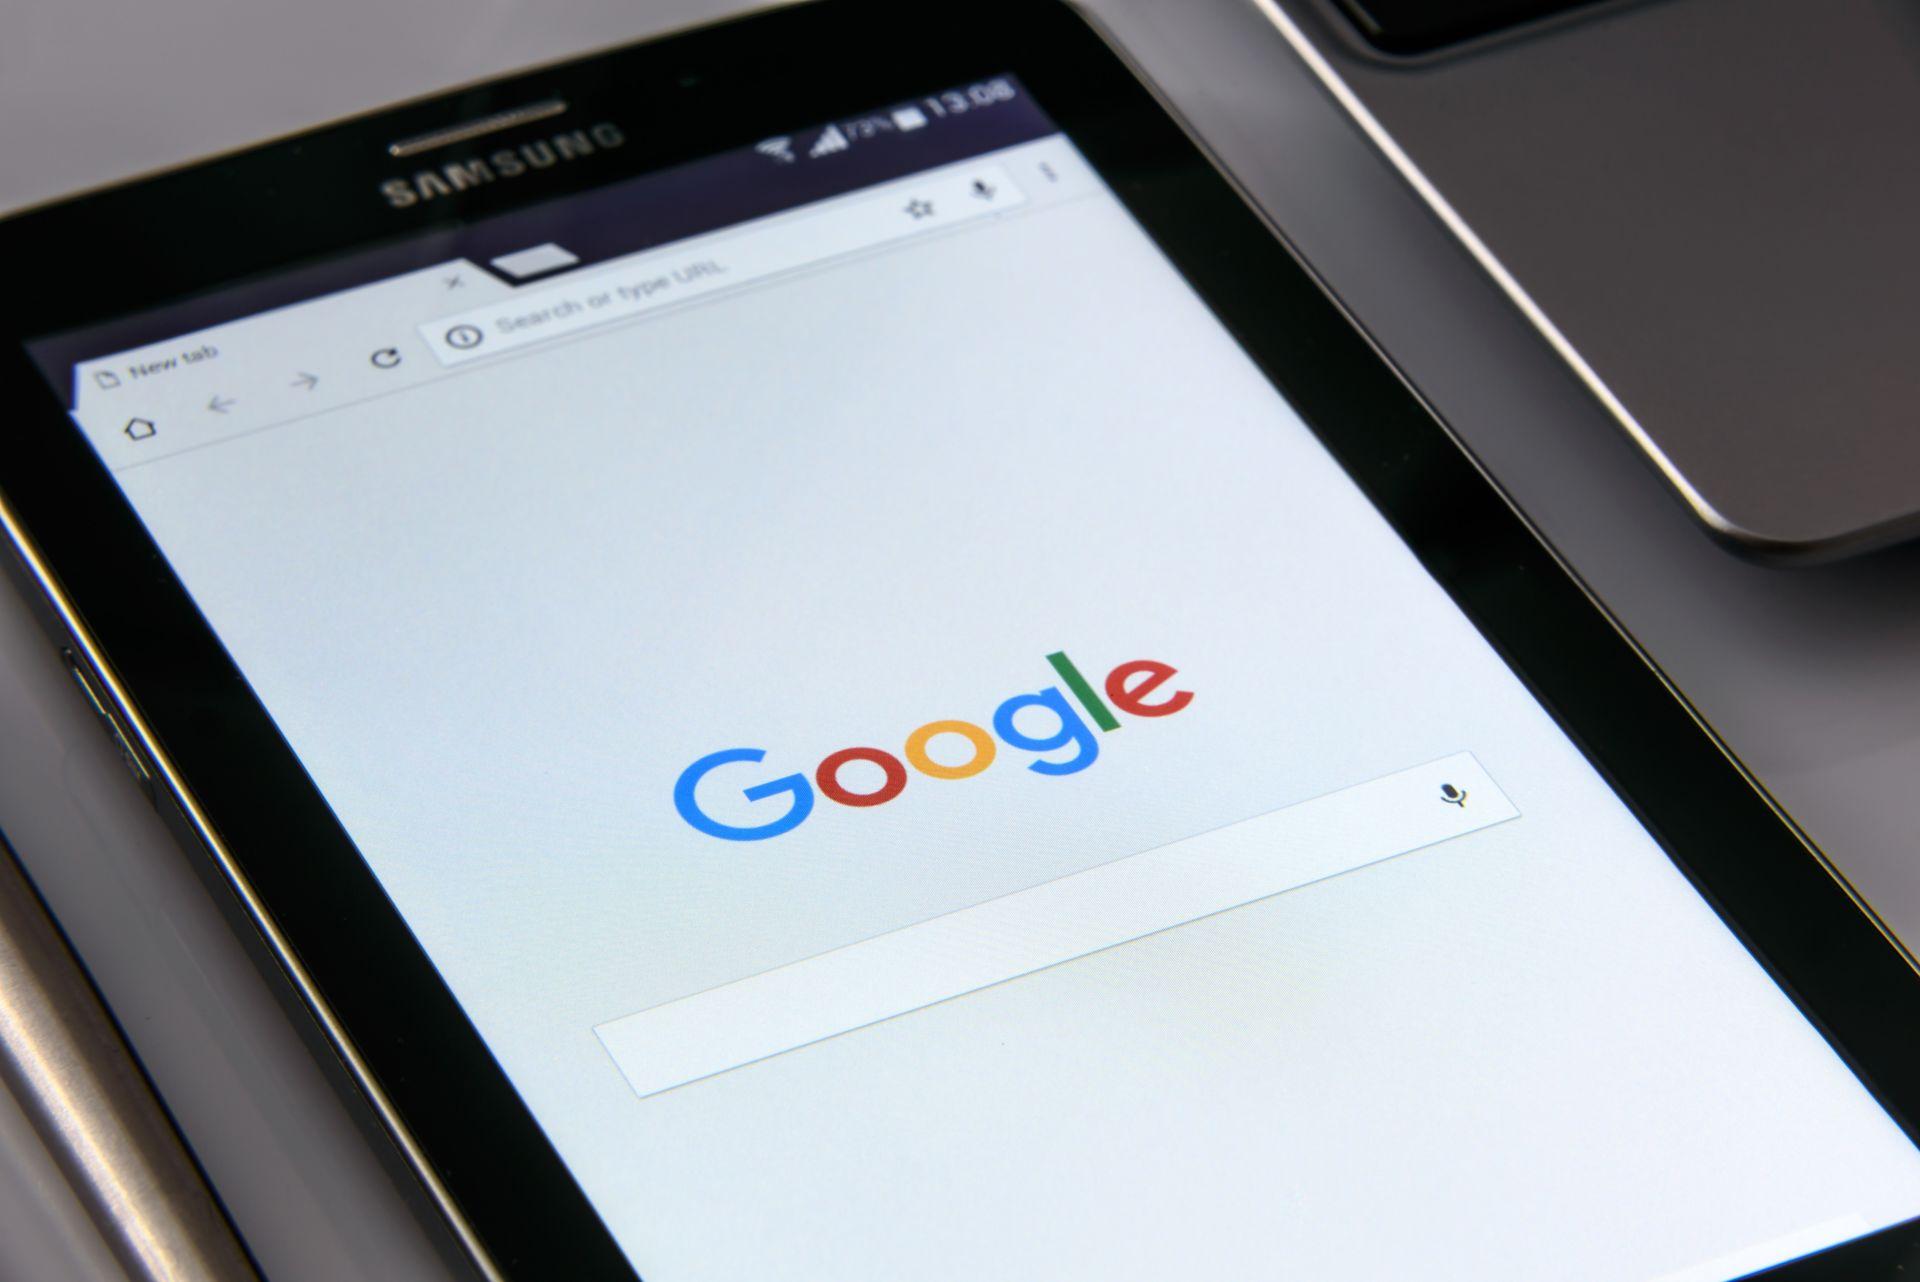 Google bruker kinesisk nettsted for å utvikle en svarteliste for søkeord